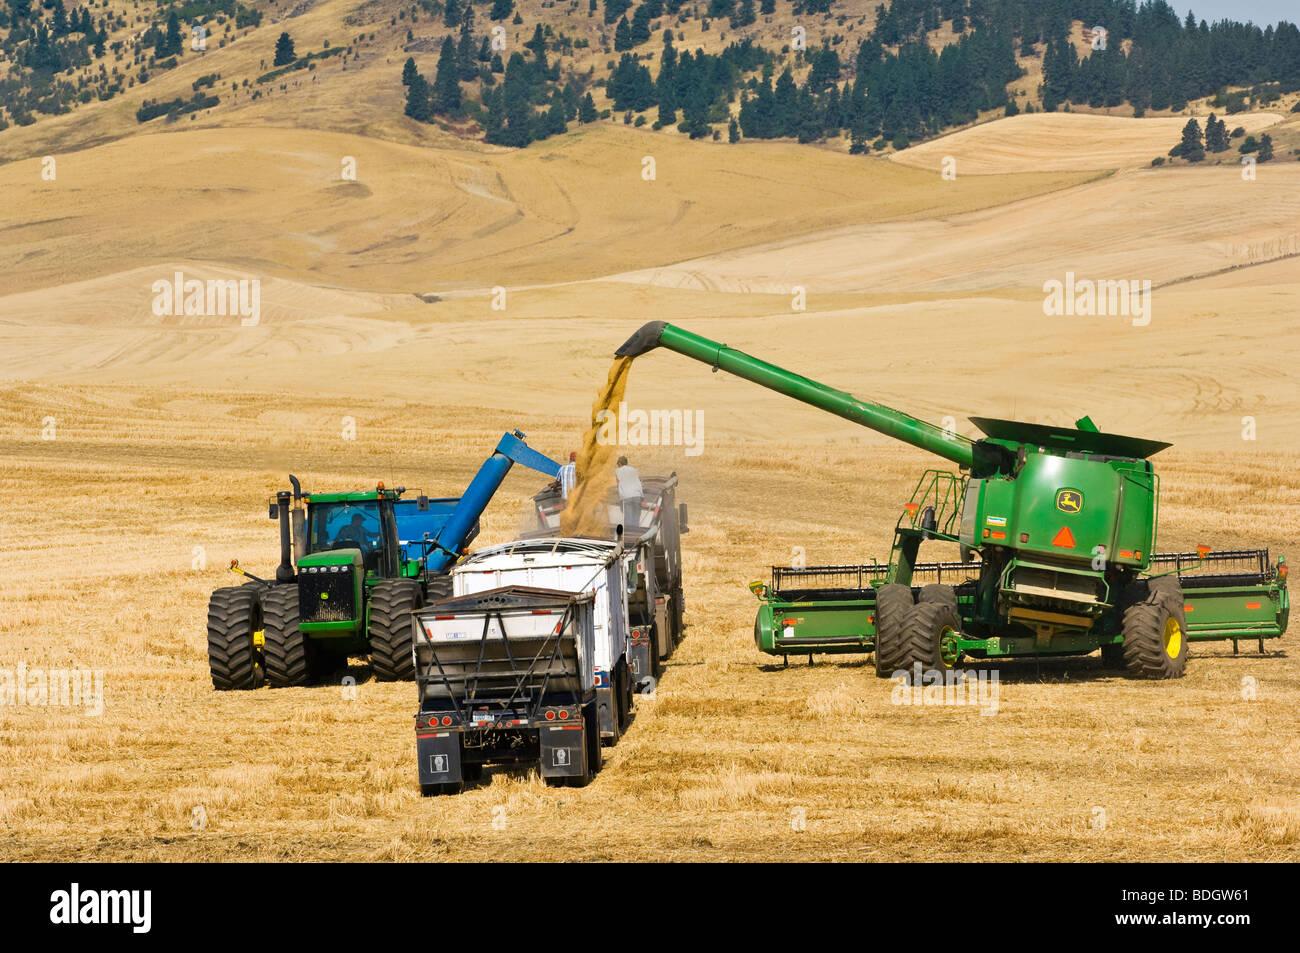 Una cosechadora y vagón de descarga de grano recién cosechado el trigo suave blanco en un camión para el transporte de grano a un elevador de granos / EE.UU.. Foto de stock